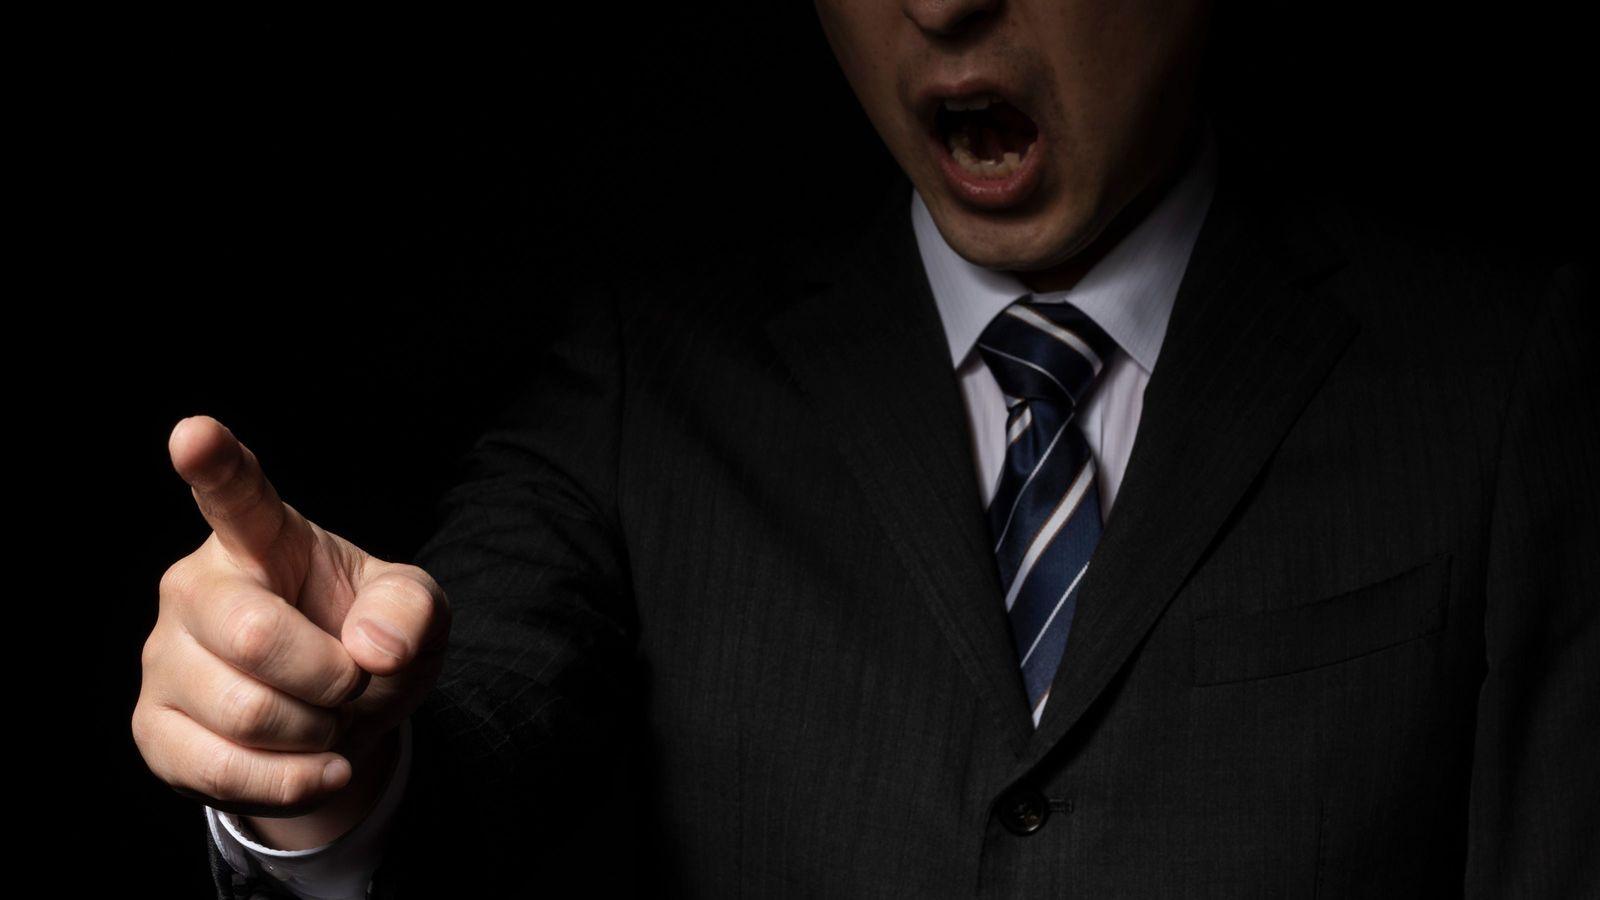 カリスマ経営者の多くが性格破綻者である理由 部下を怒れない人はトップに不向き